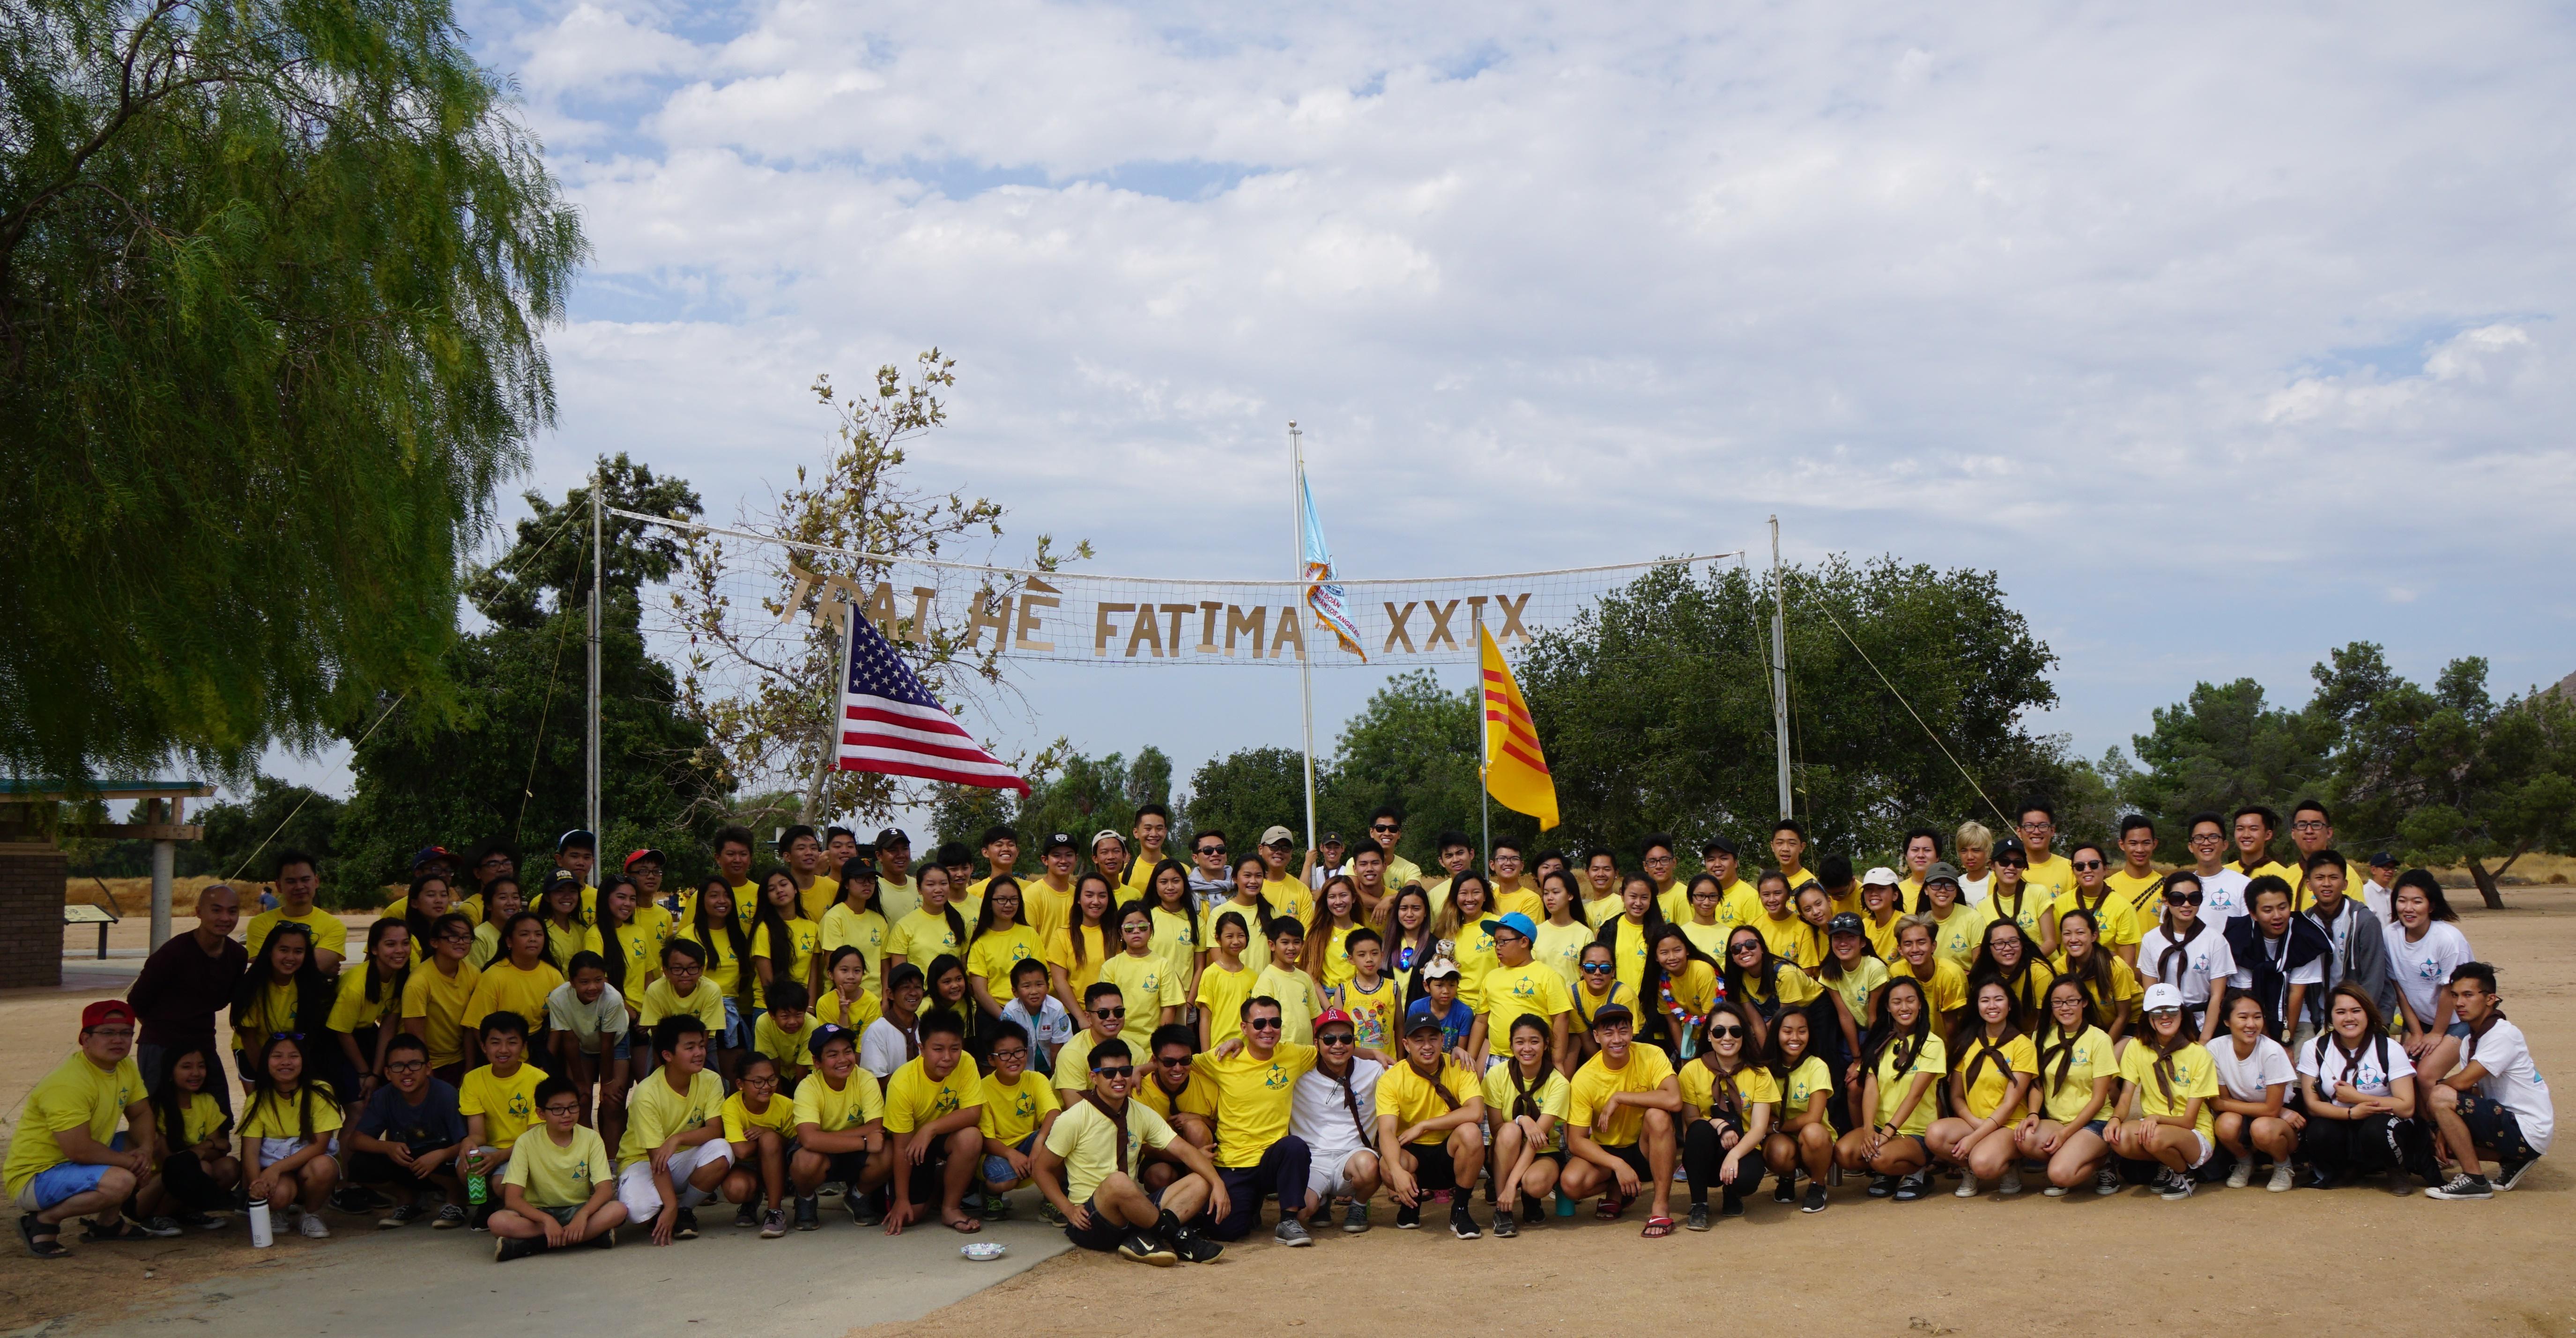 Photo Liên Đoàn Thiếu Nhi Fatima TGP-Los Angeles